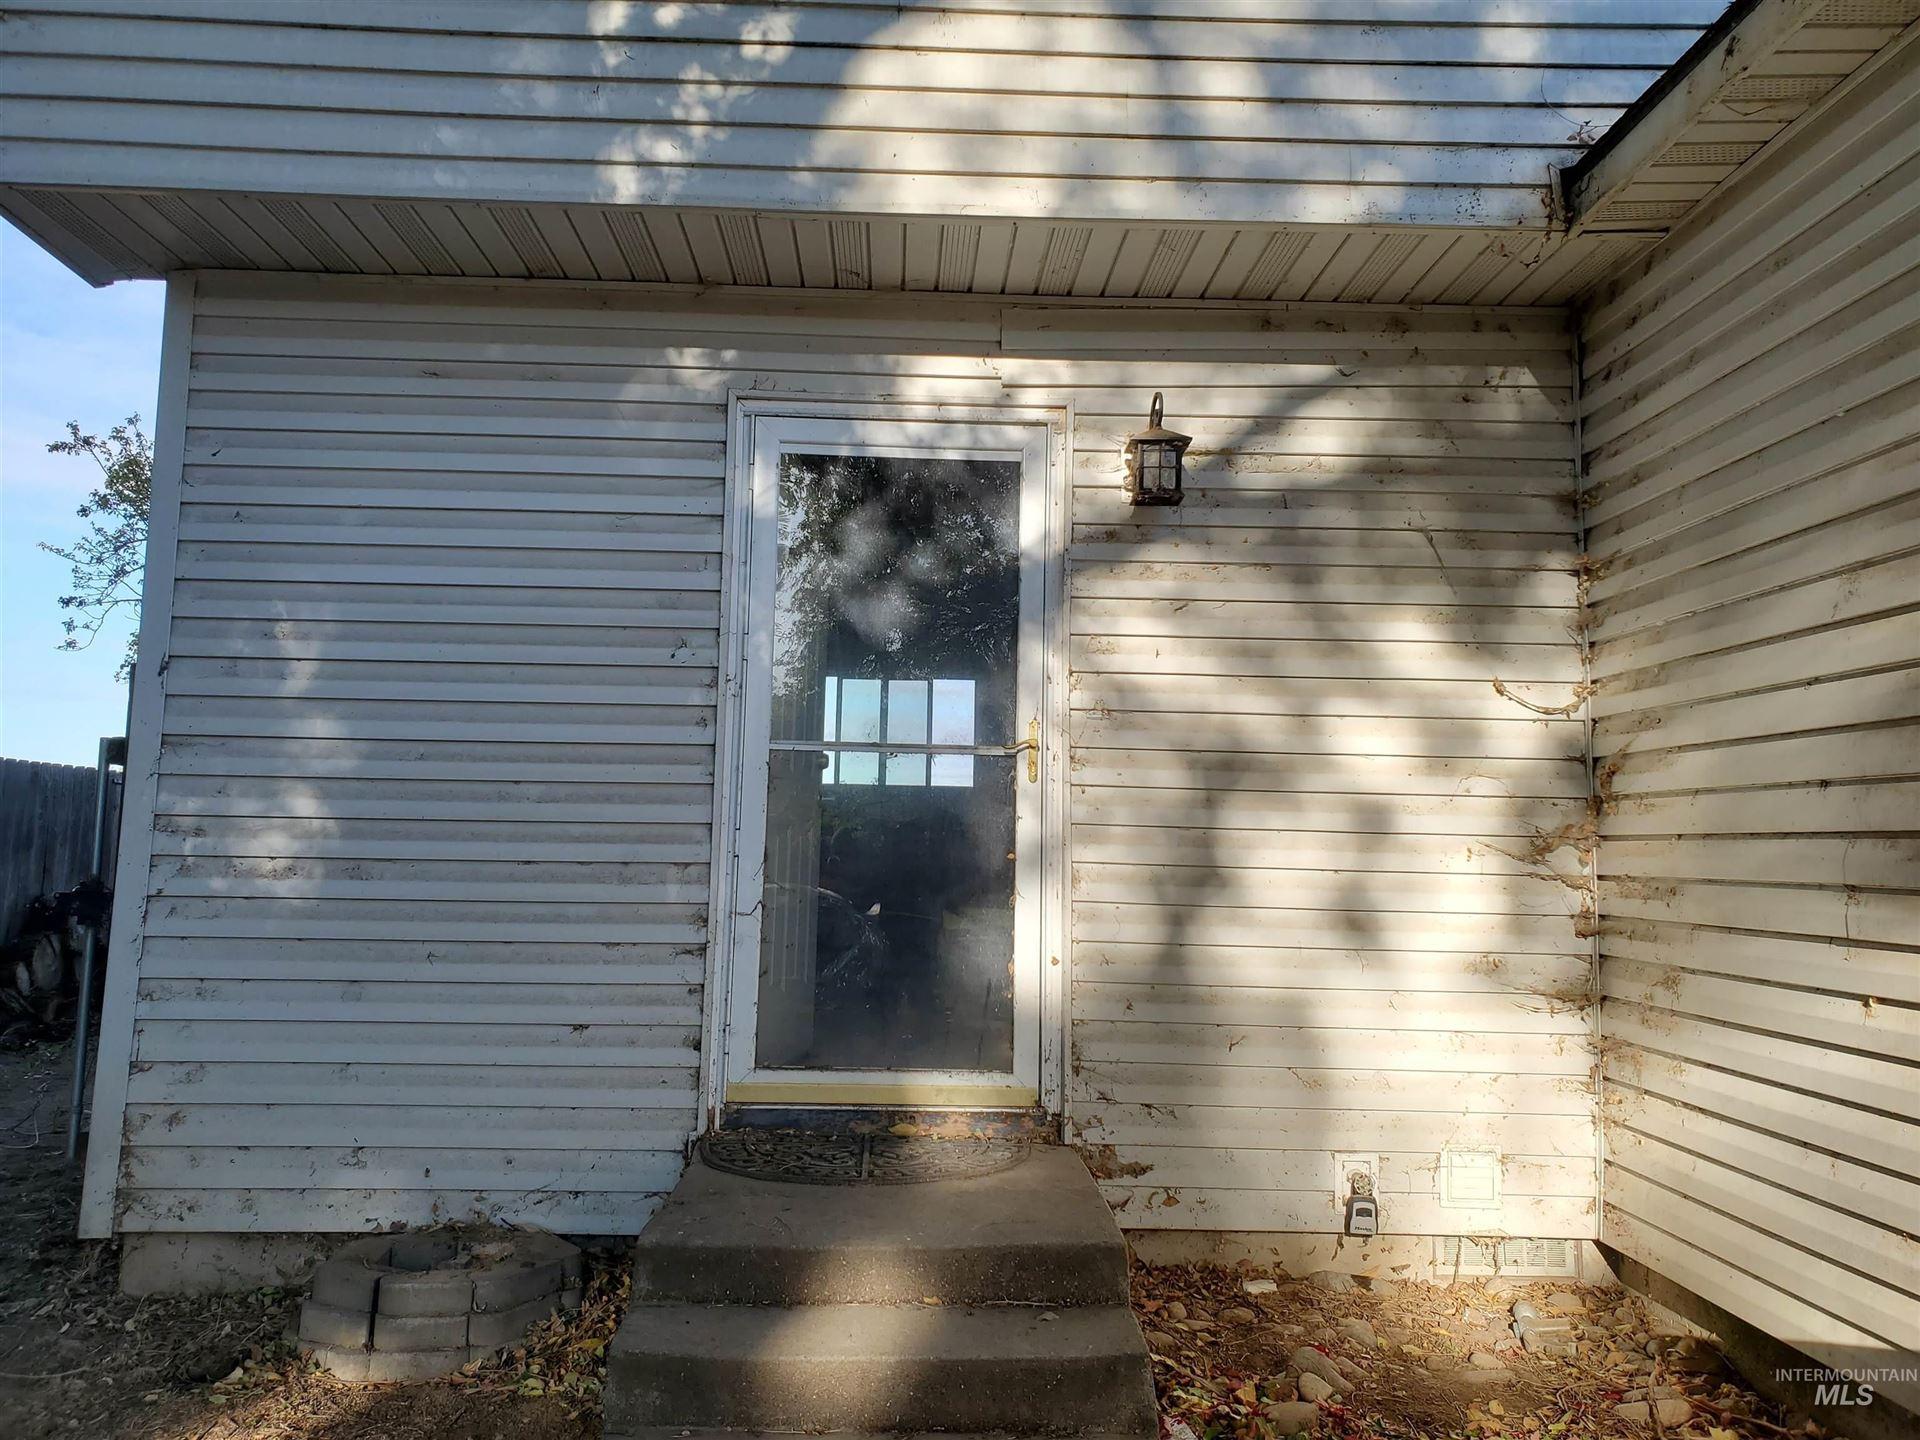 Photo of 9665 W Hoff Dr, Garden City, ID 83714 (MLS # 98822585)